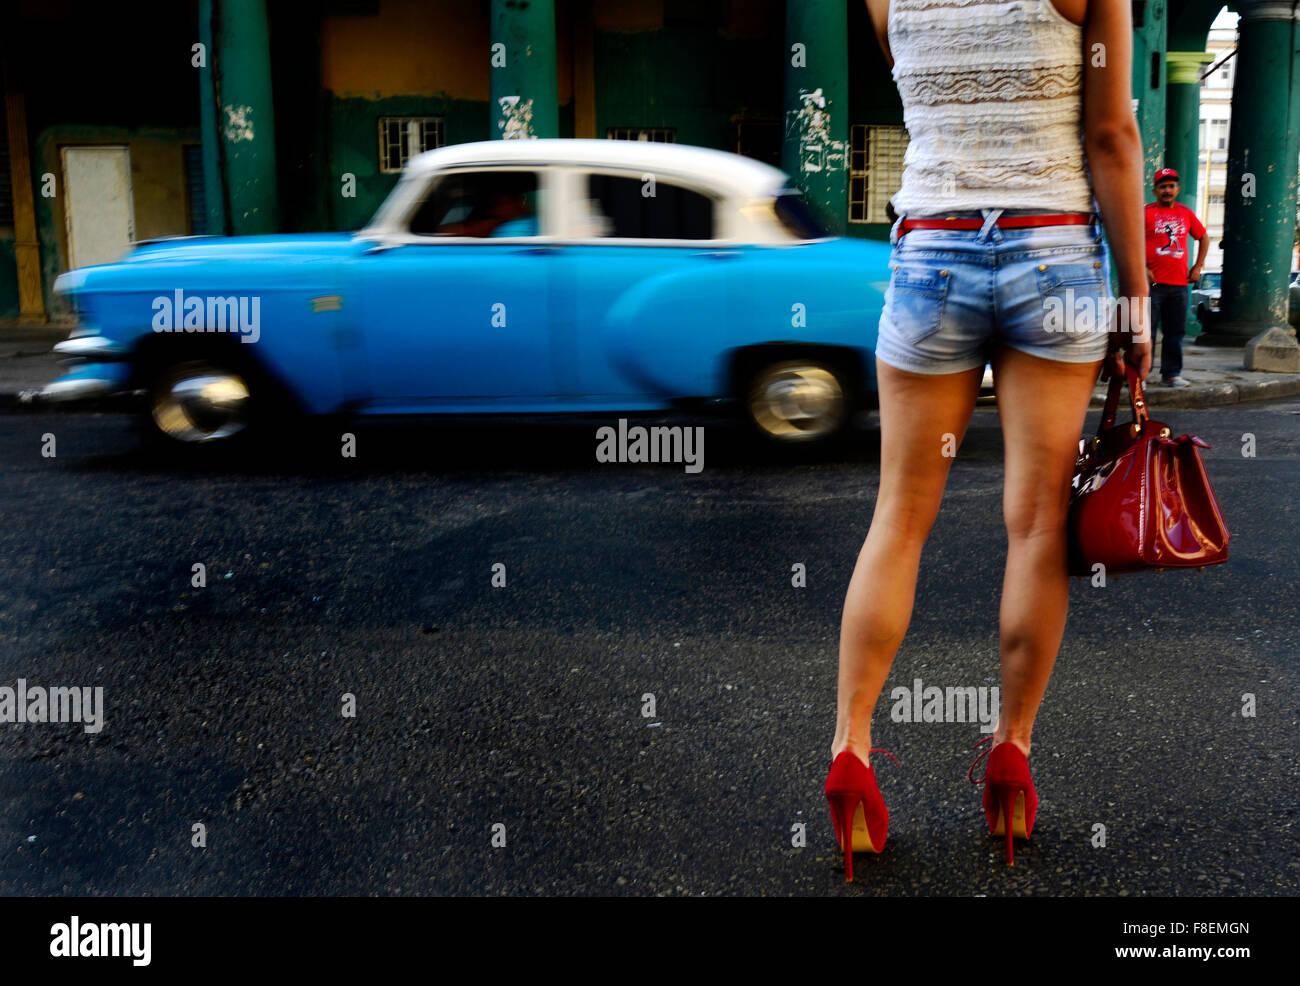 La Habana, Cuba. 02Nd Mar, 2015. Miles de veteranos estadounidenses van los coches por las calles de La Habana, Imagen De Stock